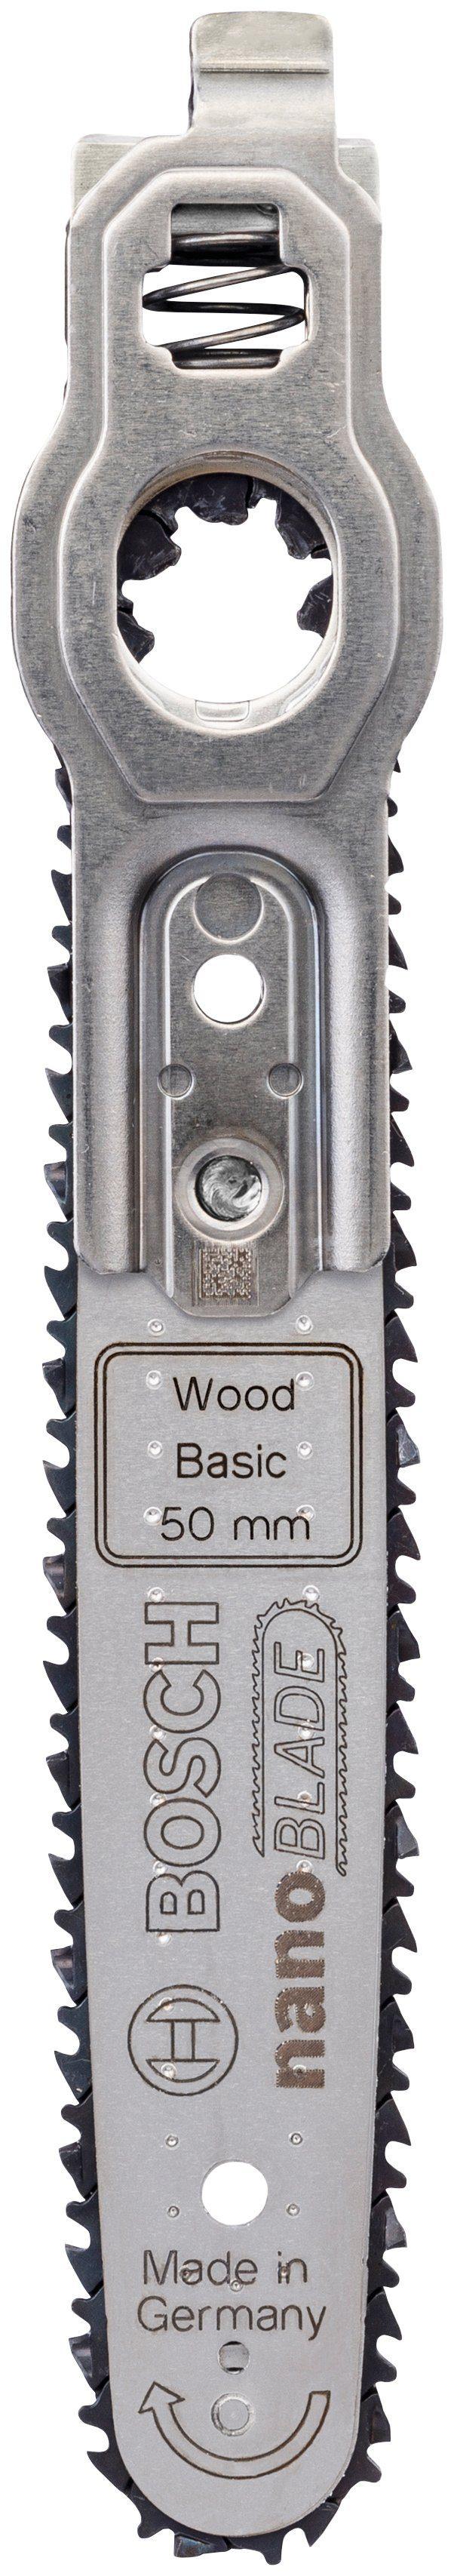 BOSCH Sägeblatt »Wood Basic 50«, für Schneidemaschine